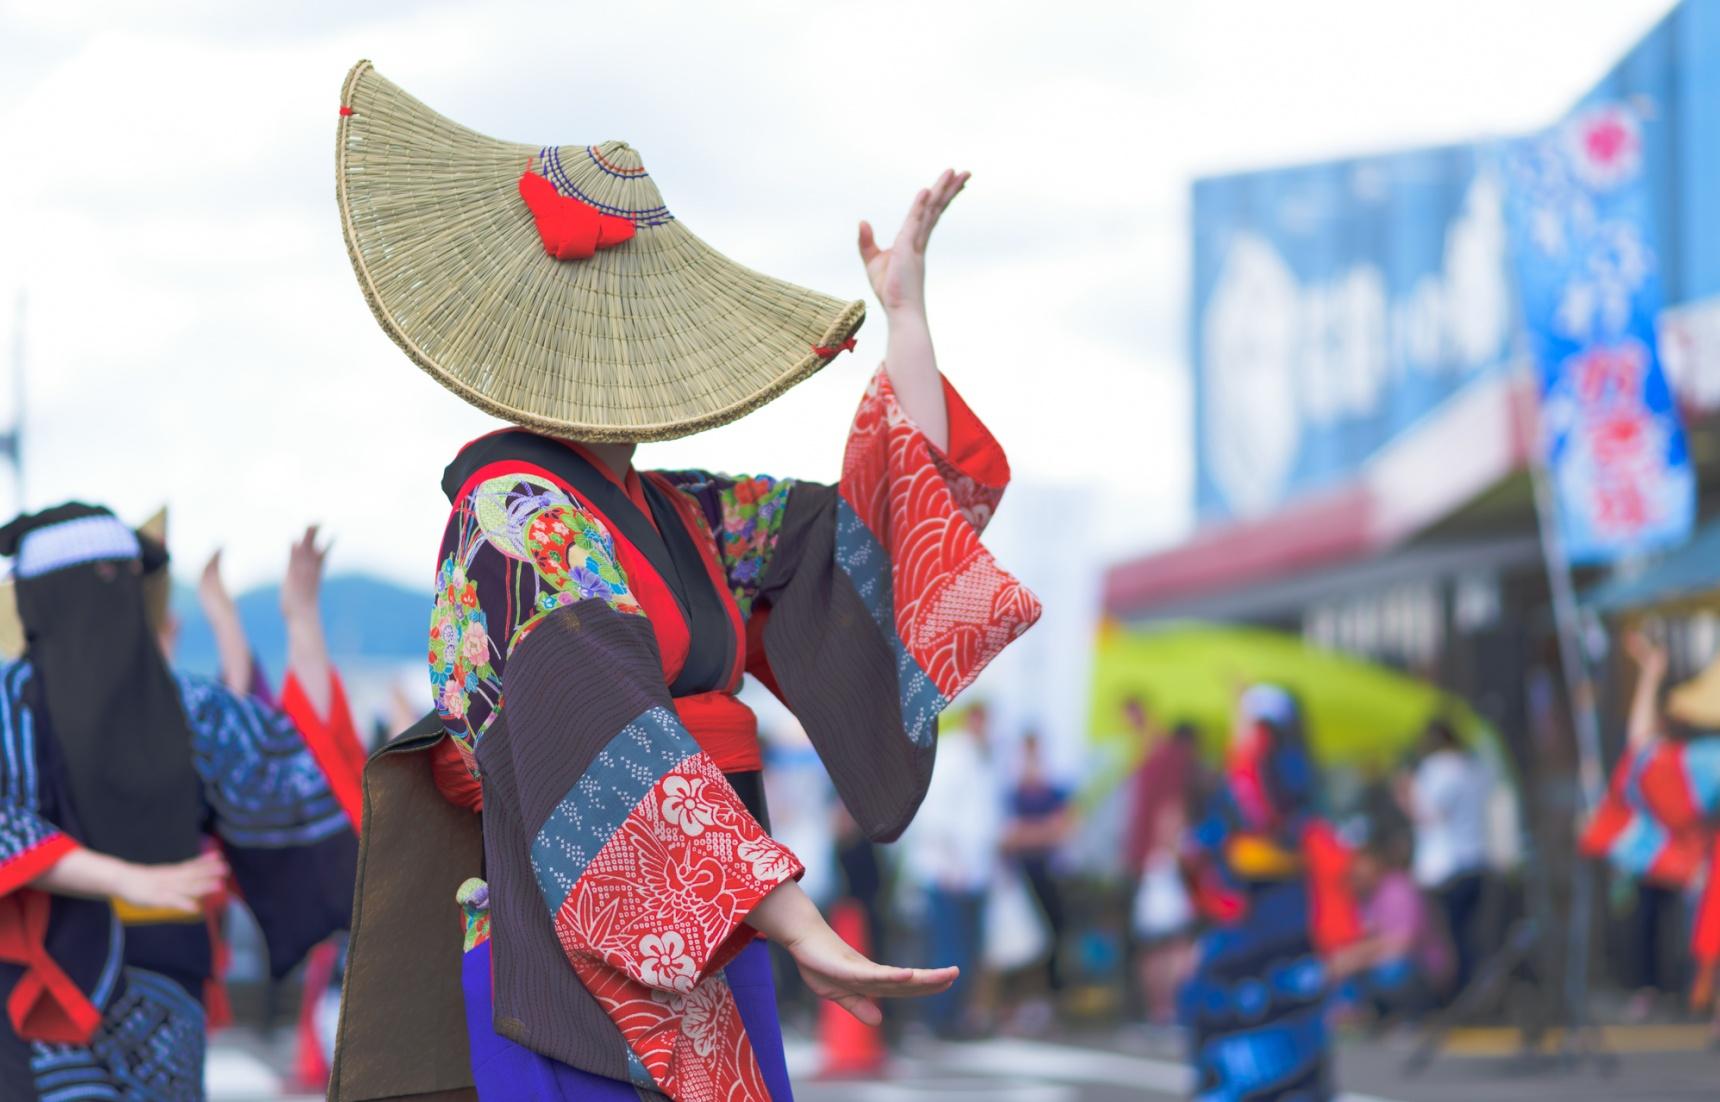 日本文化:盂兰盆节到底是不是鬼节?快来看茄子和黄瓜背后的故事